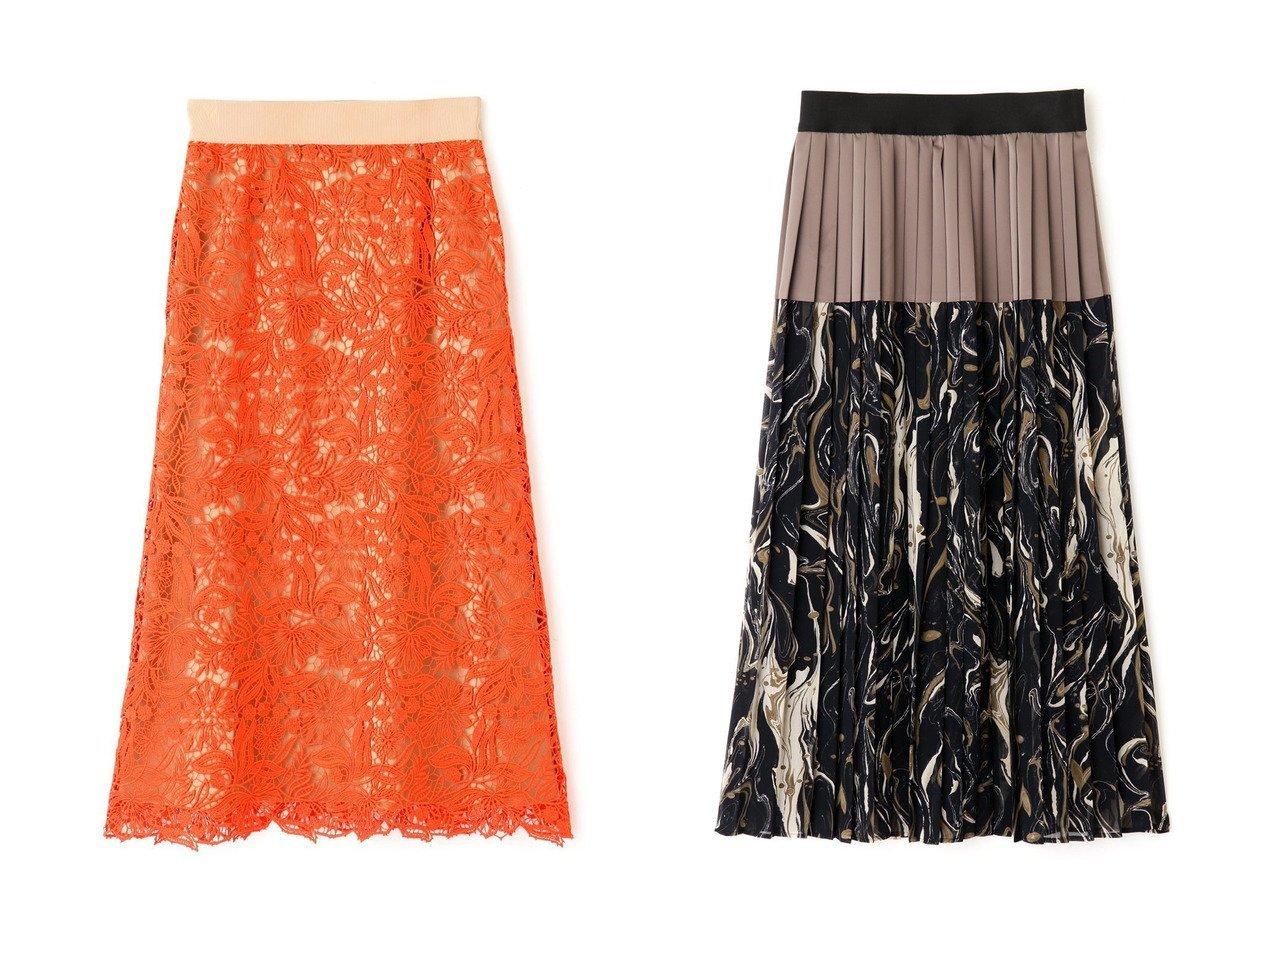 【ADORE/アドーア】のフローラルレーススカート&マーブルプリントスカート 【スカート】おすすめ!人気、トレンド・レディースファッションの通販 おすすめで人気の流行・トレンド、ファッションの通販商品 インテリア・家具・メンズファッション・キッズファッション・レディースファッション・服の通販 founy(ファニー) https://founy.com/ ファッション Fashion レディースファッション WOMEN スカート Skirt ロングスカート Long Skirt A/W・秋冬 AW・Autumn/Winter・FW・Fall-Winter オレンジ ケミカル シンプル レース ロング エレガント サテン シフォン プリント プリーツ マーブル ミドル モダン モチーフ 無地 |ID:crp329100000069605